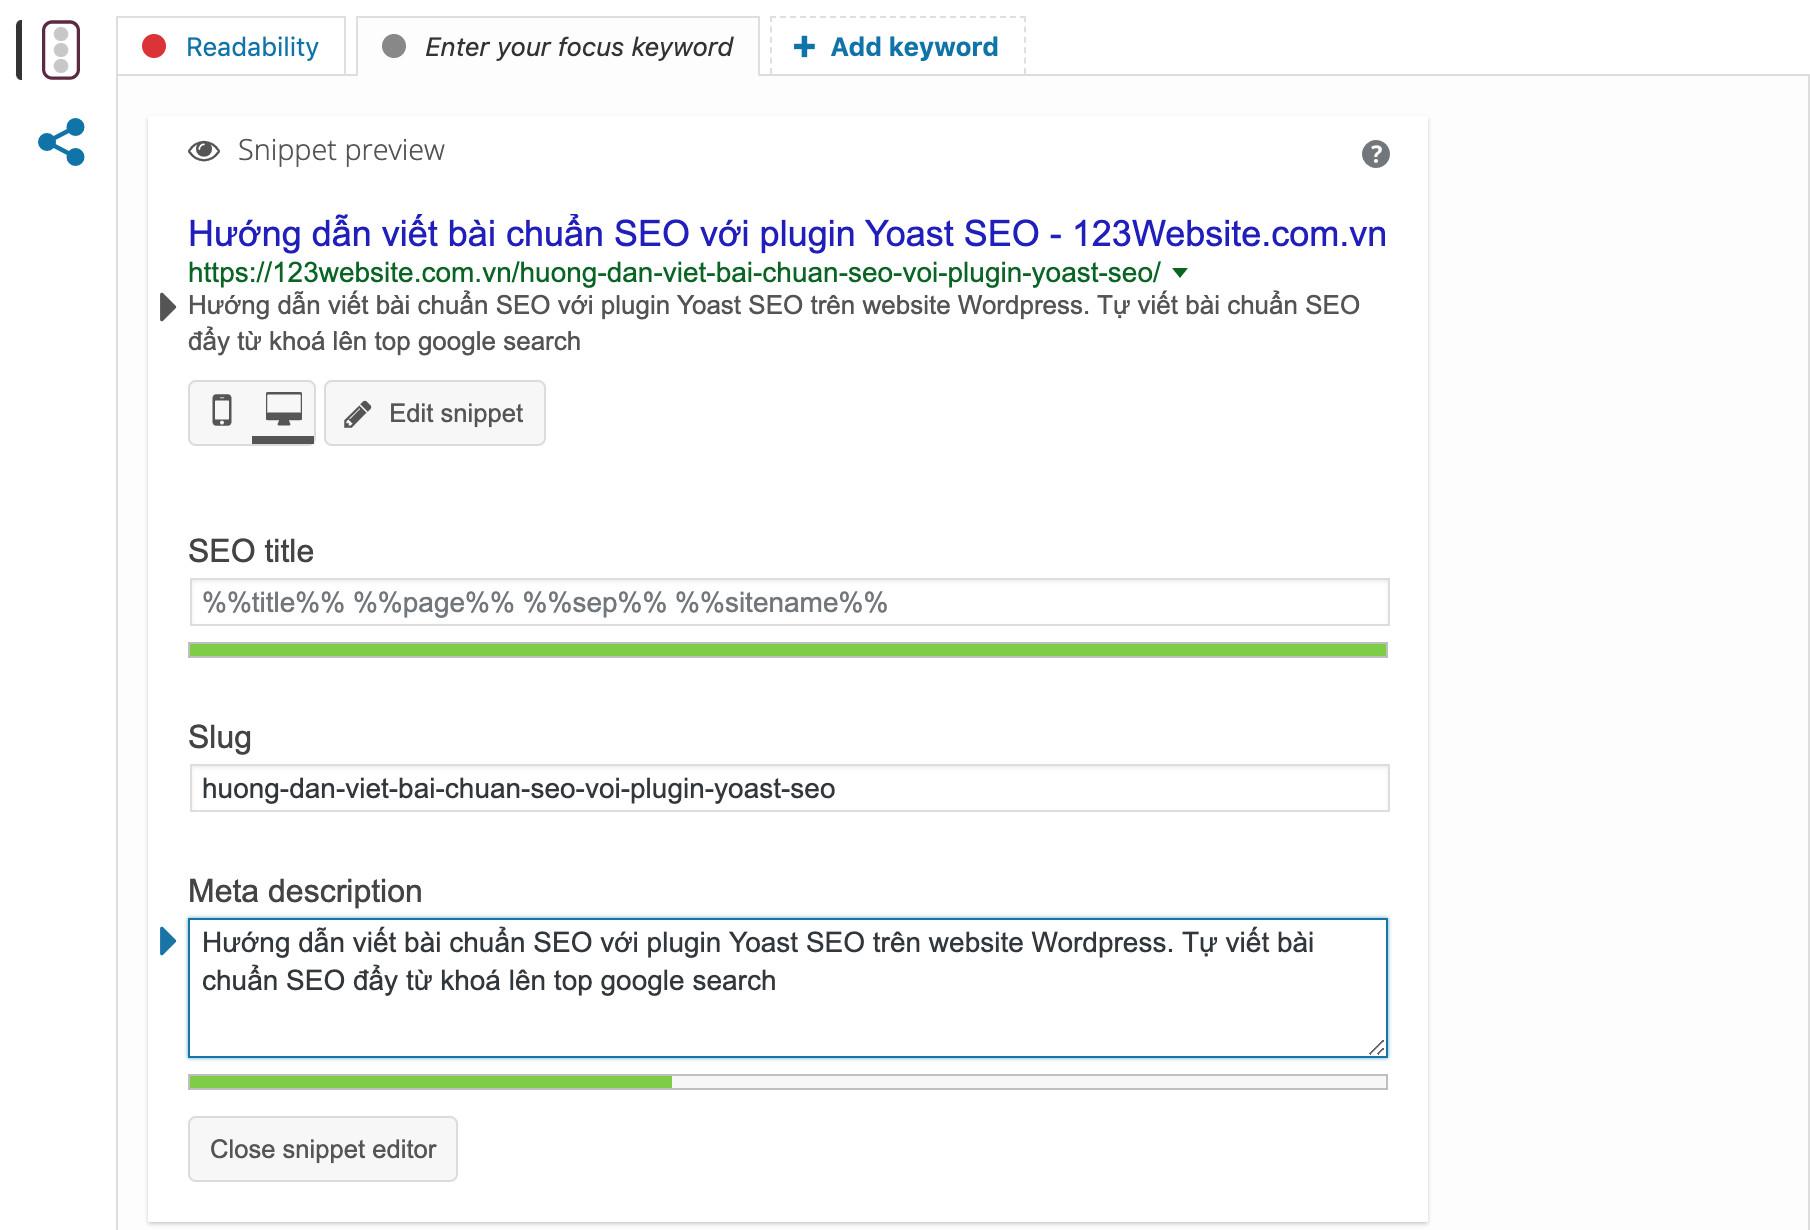 Khung giao diện snippet thể hiện thông tin hiện thị kết quả của Yoast SEO